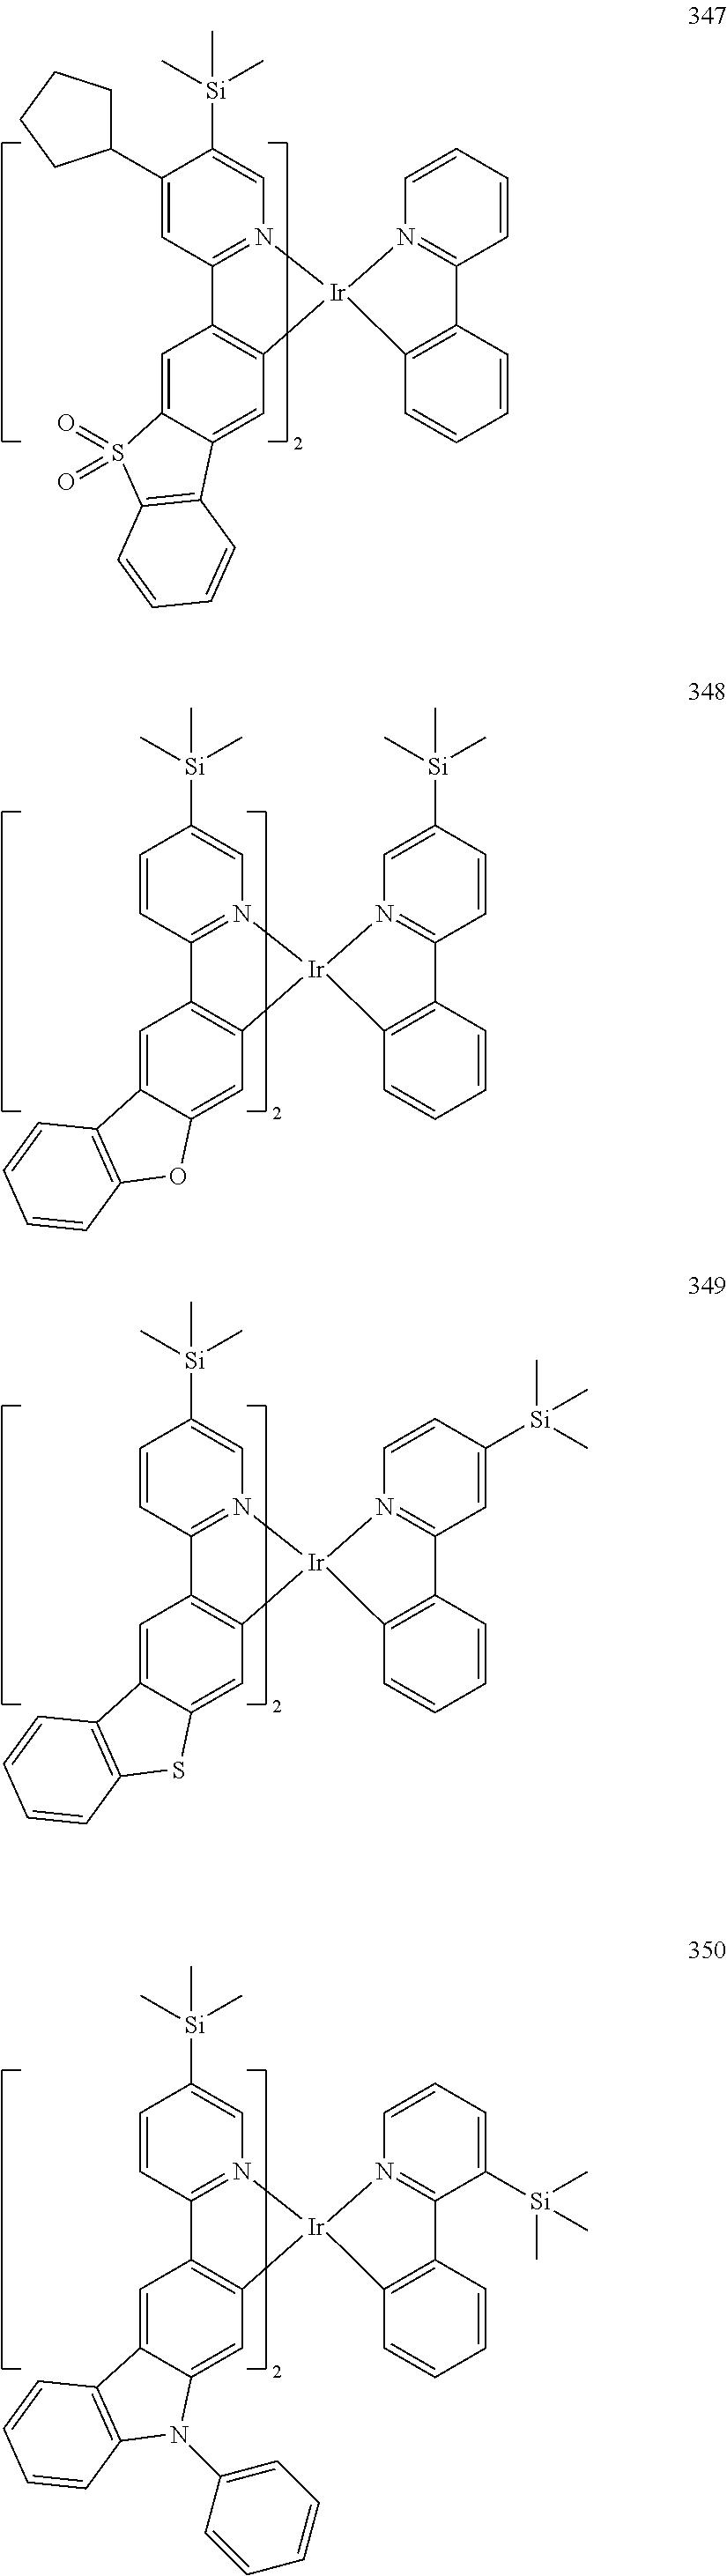 Figure US20160155962A1-20160602-C00167